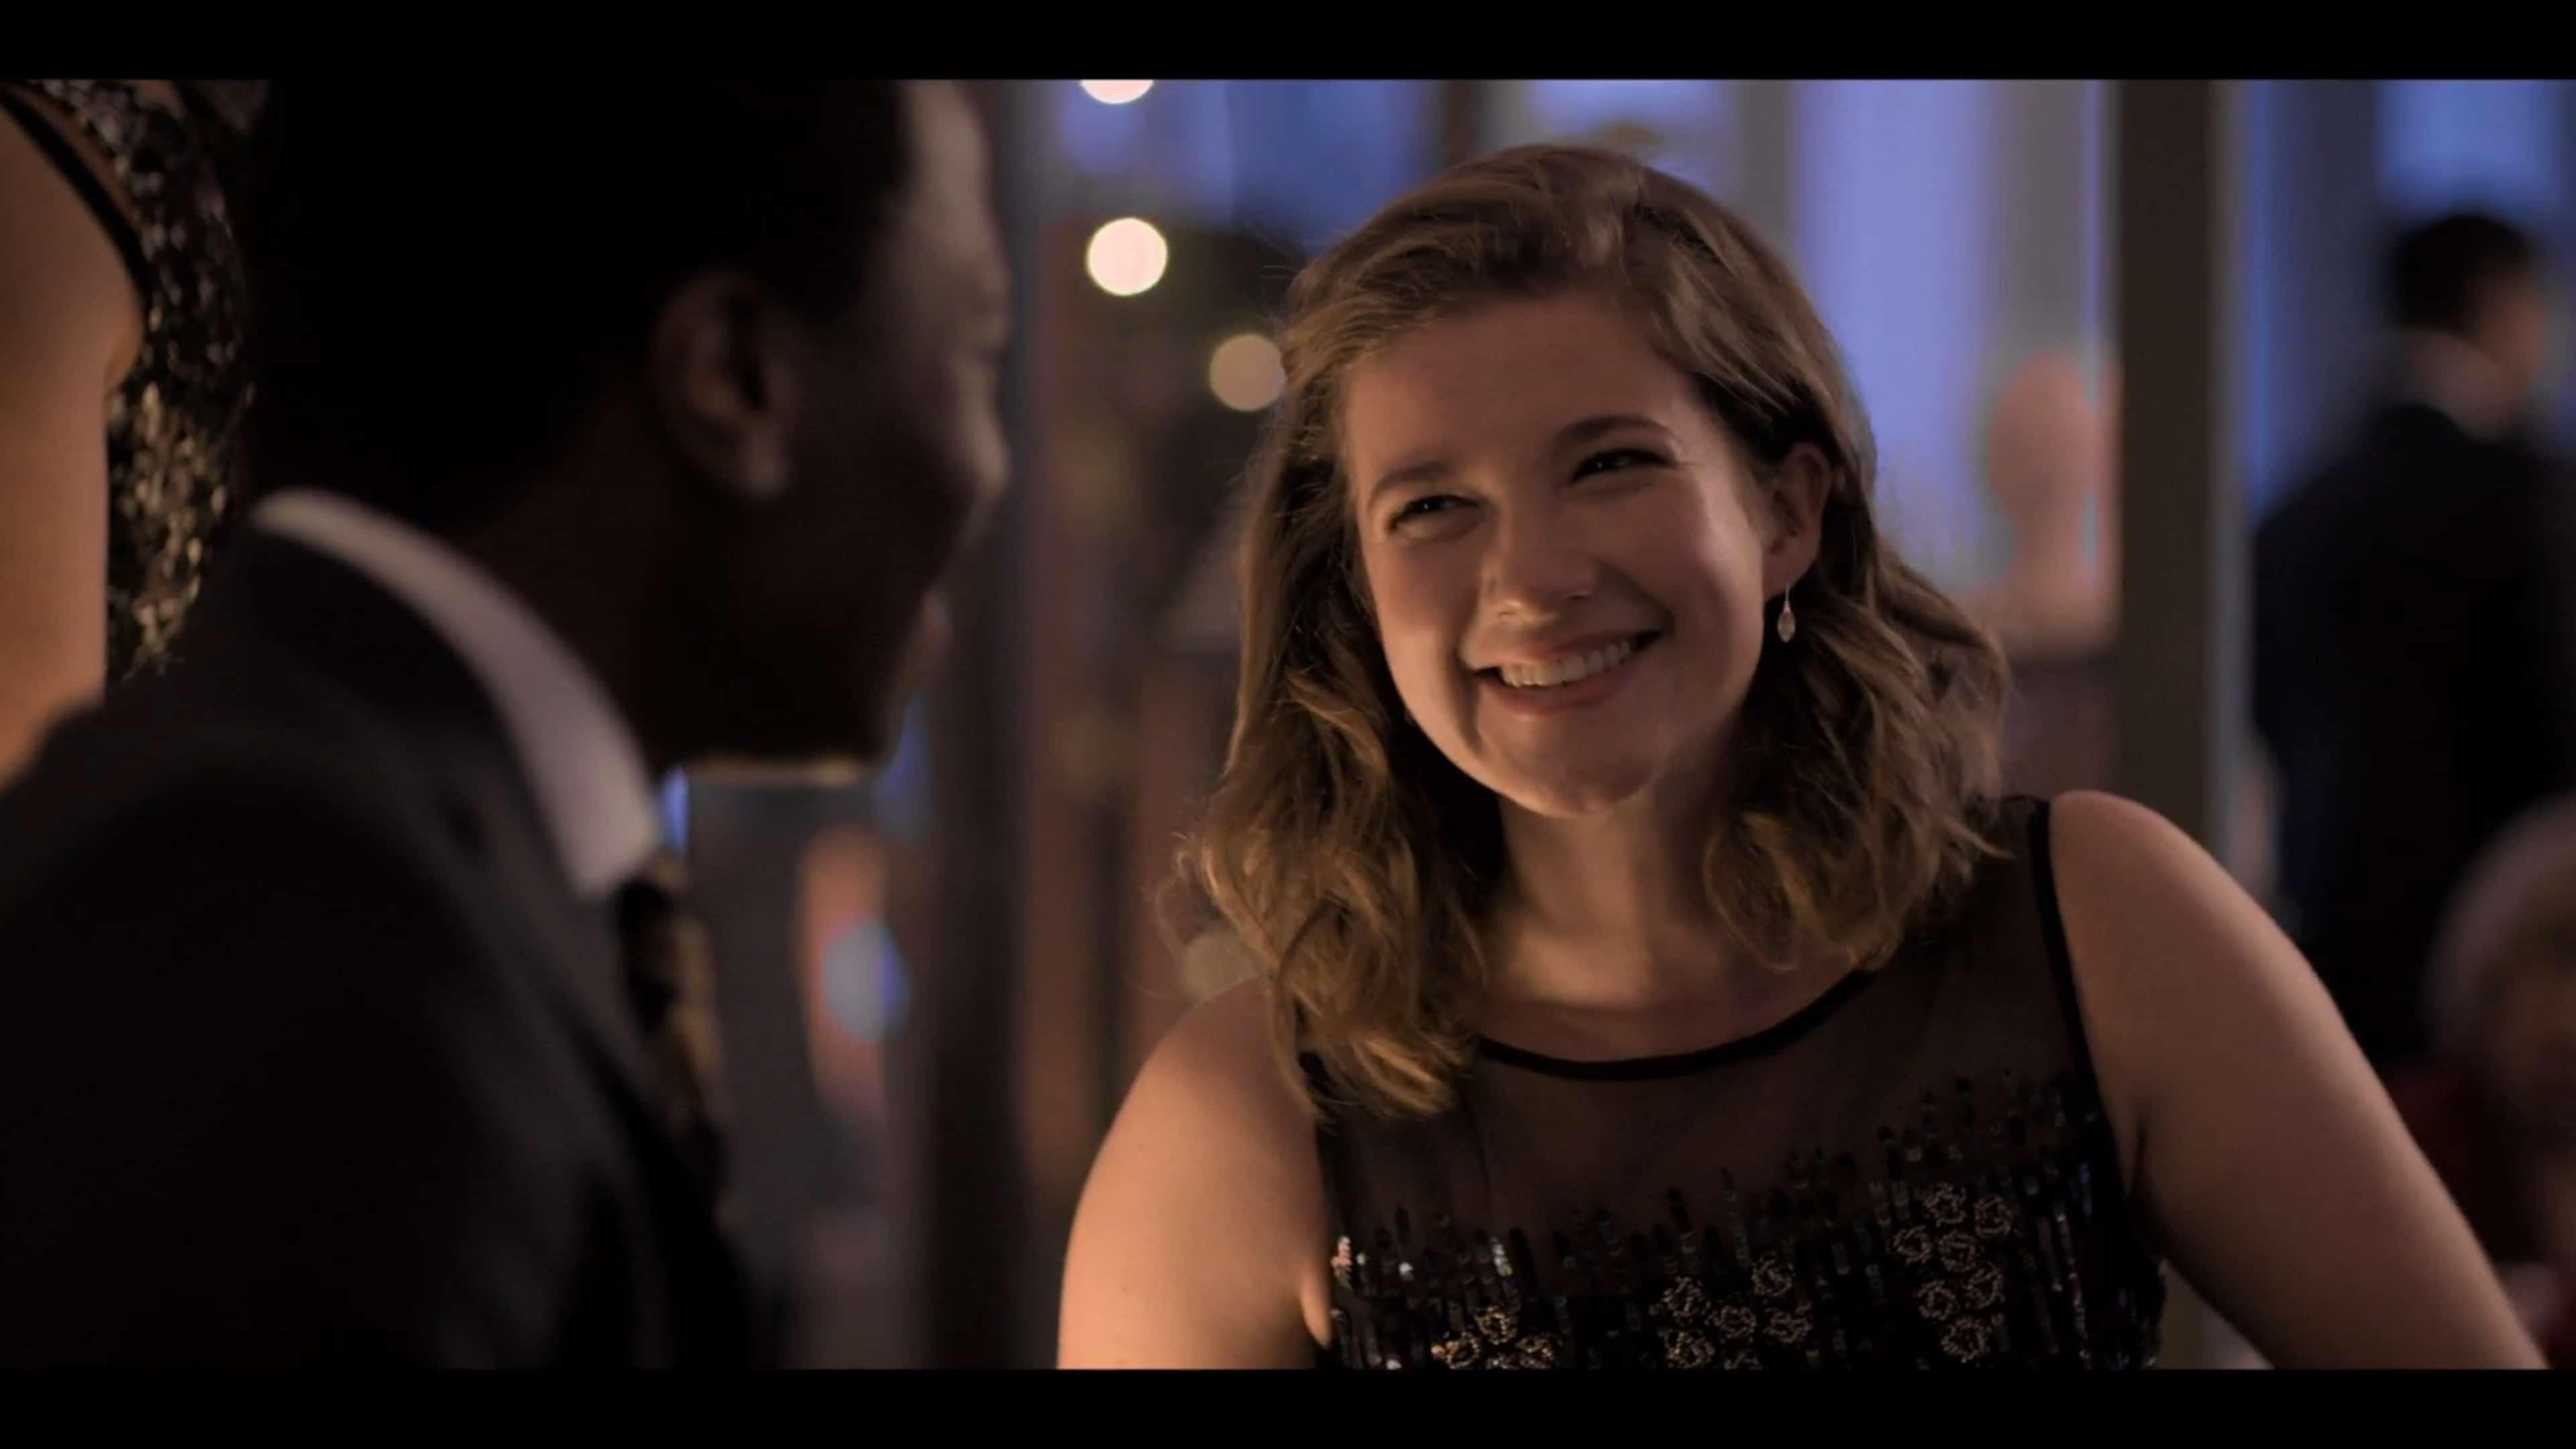 Alice (Karen Fishwick) smiling and joking with Gus